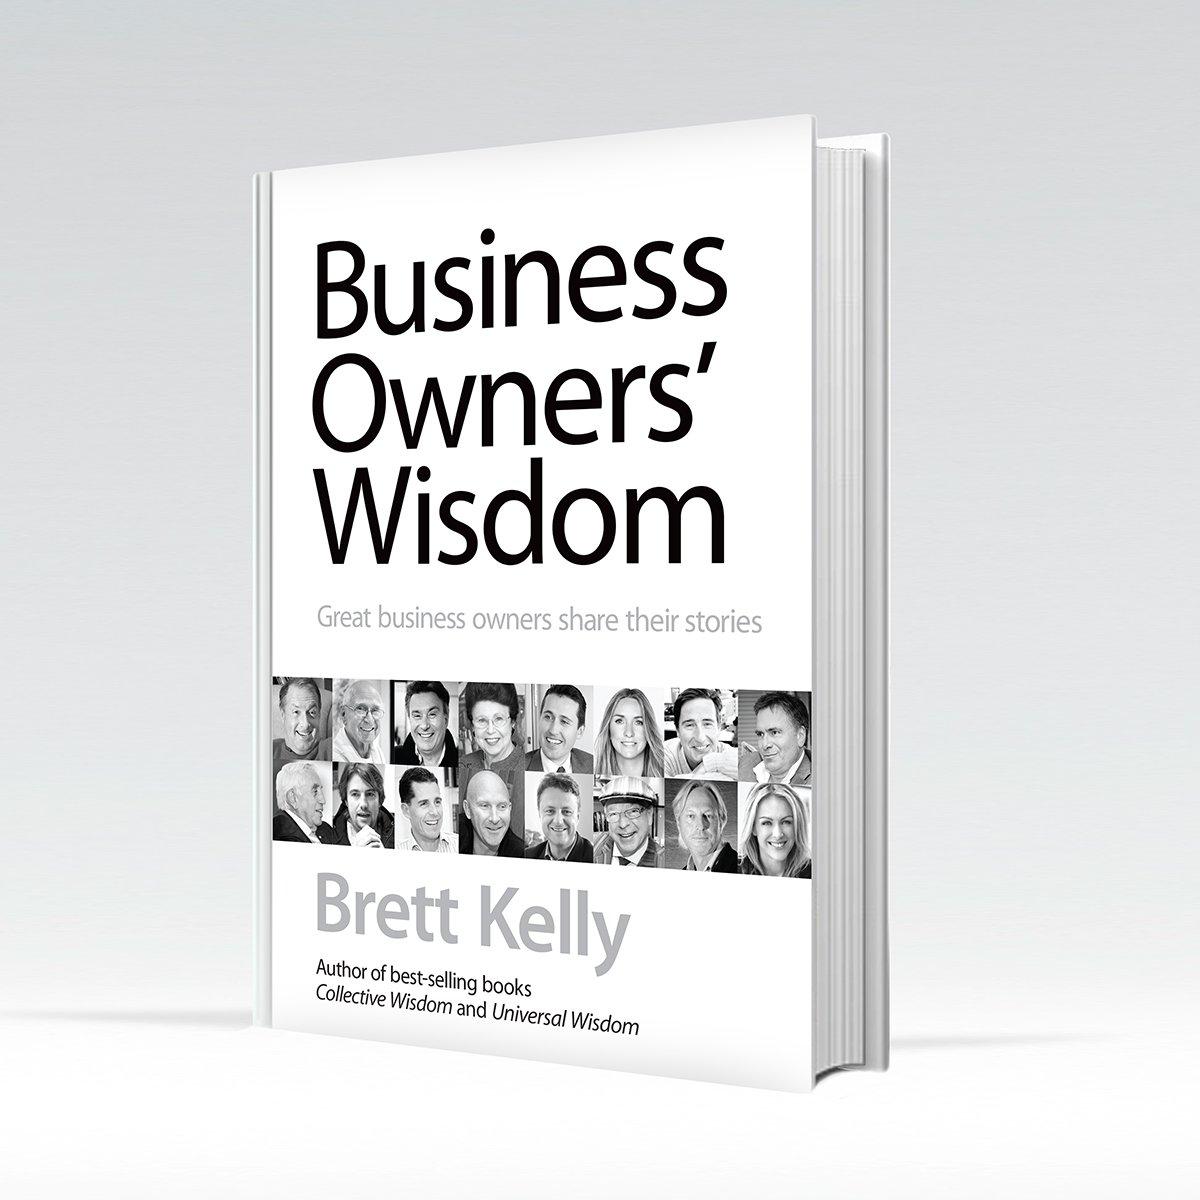 brett-kelly-business-owners-wisdom